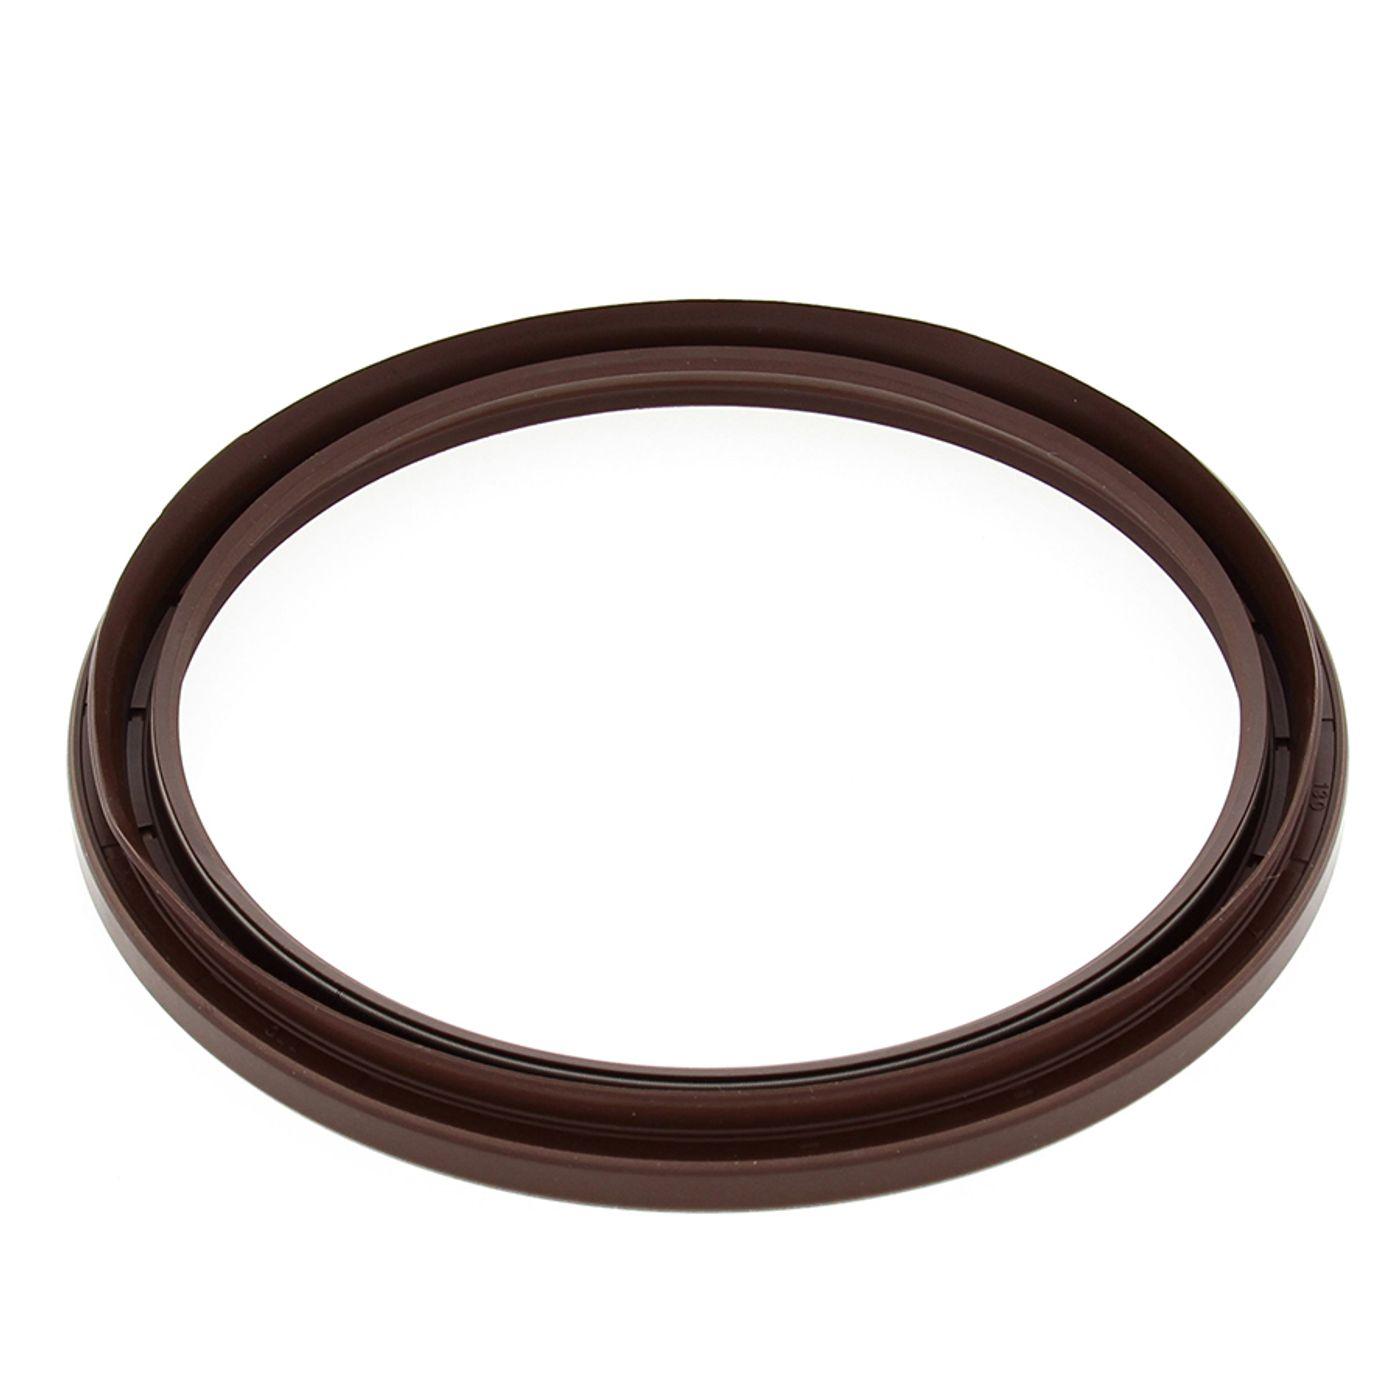 Wrp Brake Drum Seals - WRP3013001 image